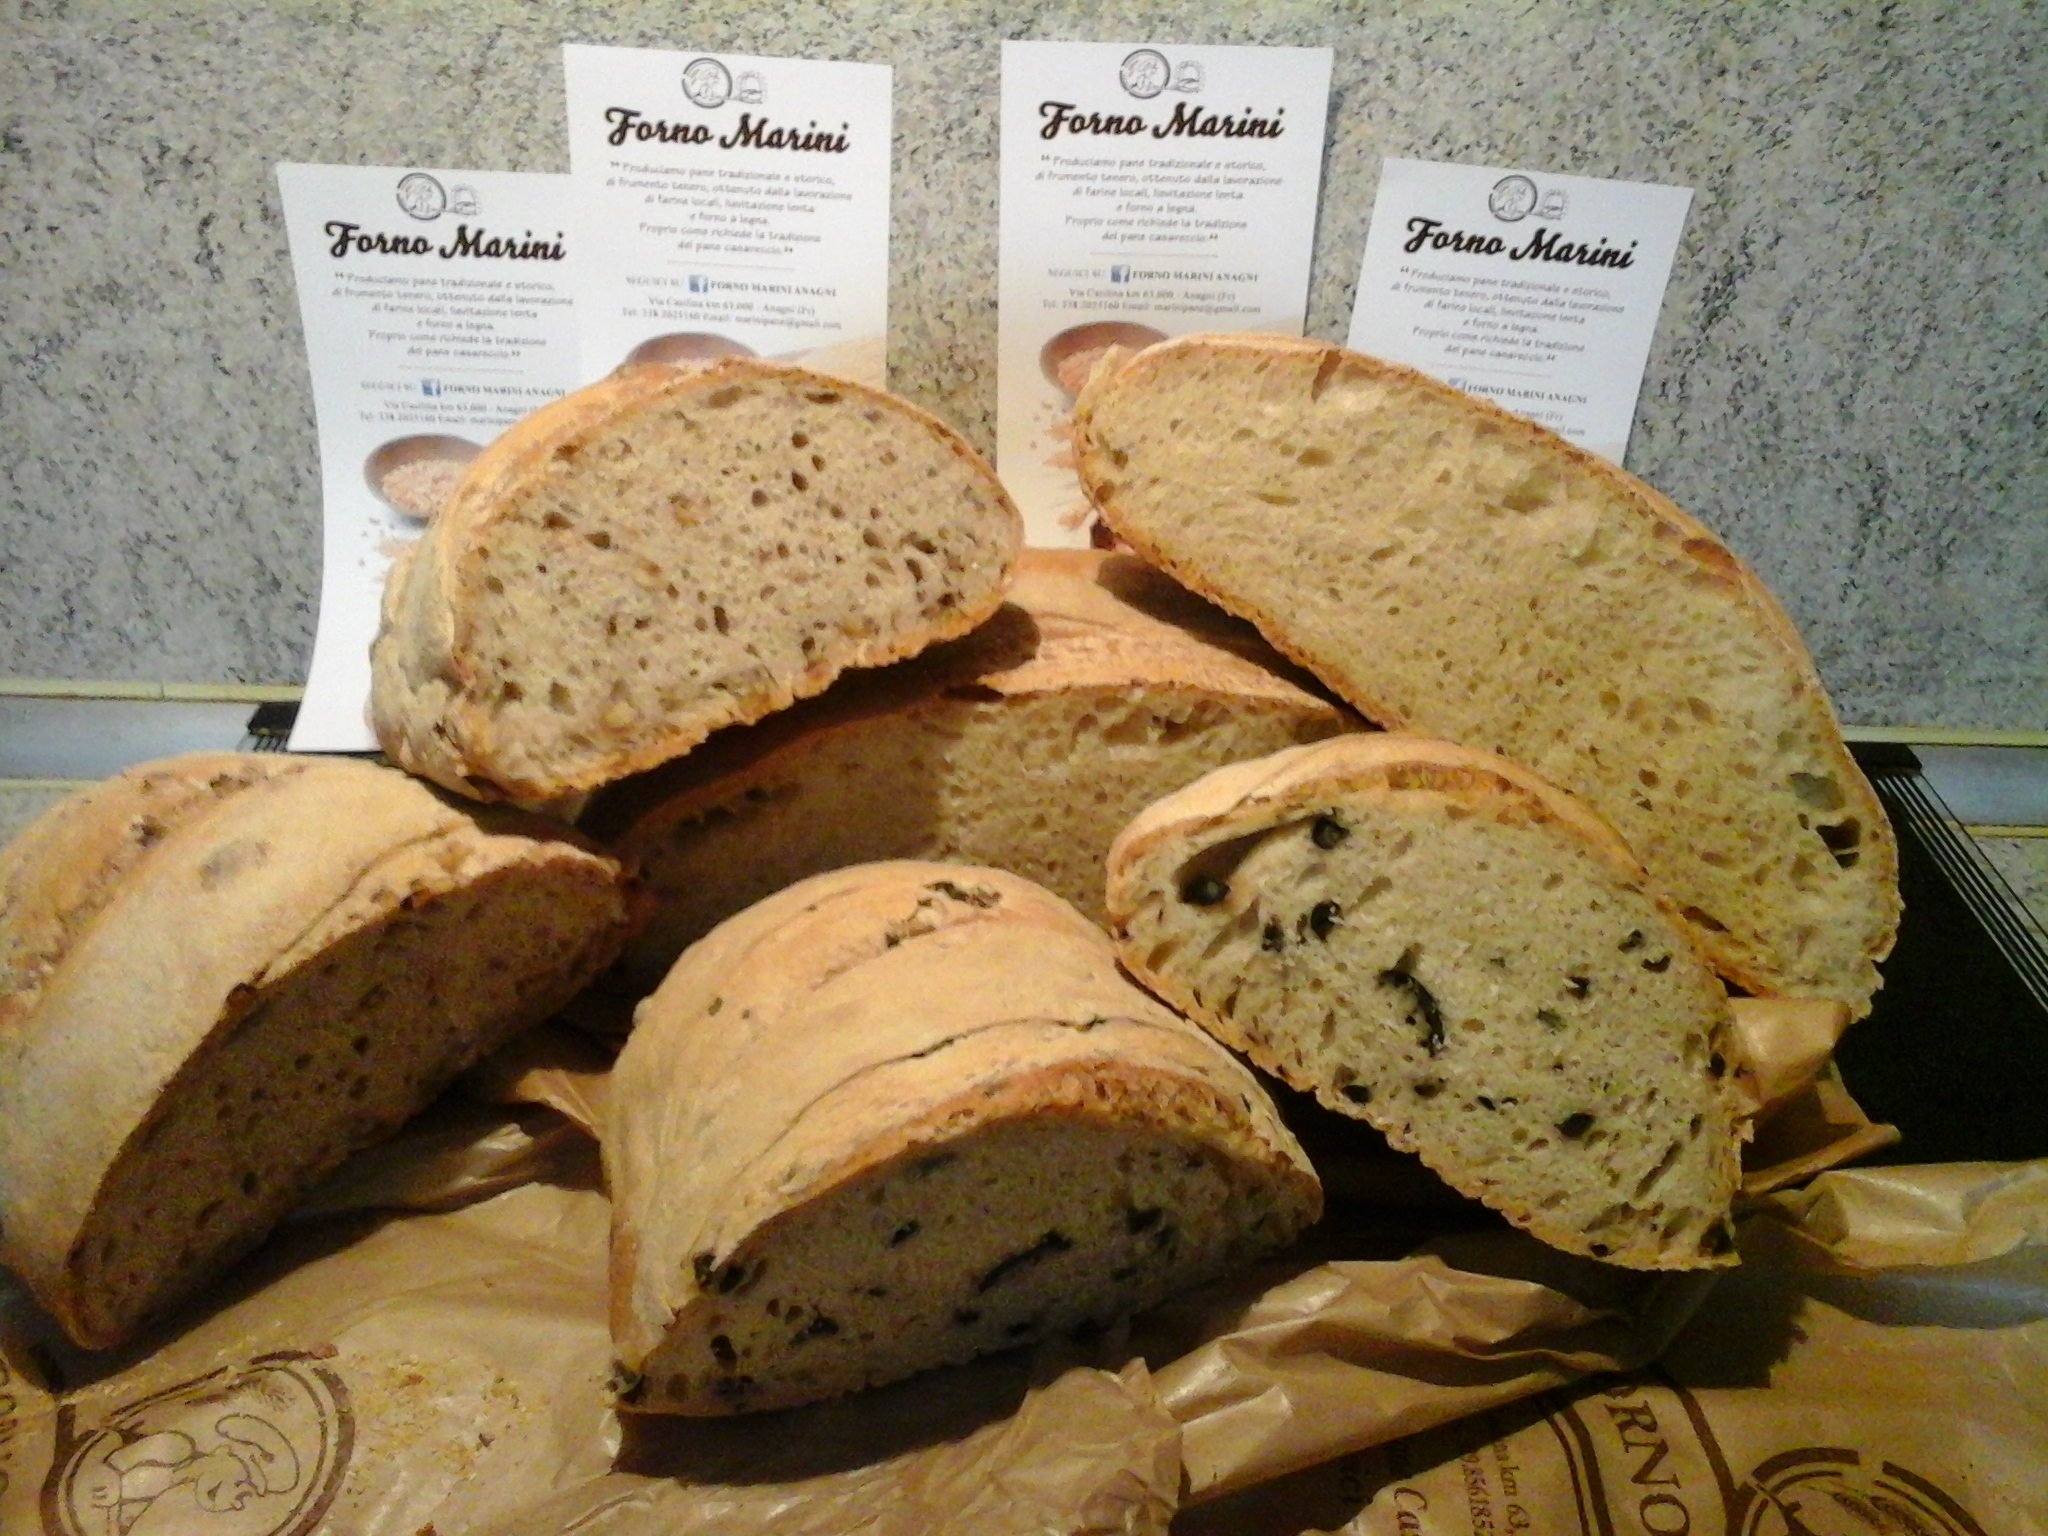 Forno marini il pane casereccio della ciociaria - Forno a legna in casa ...